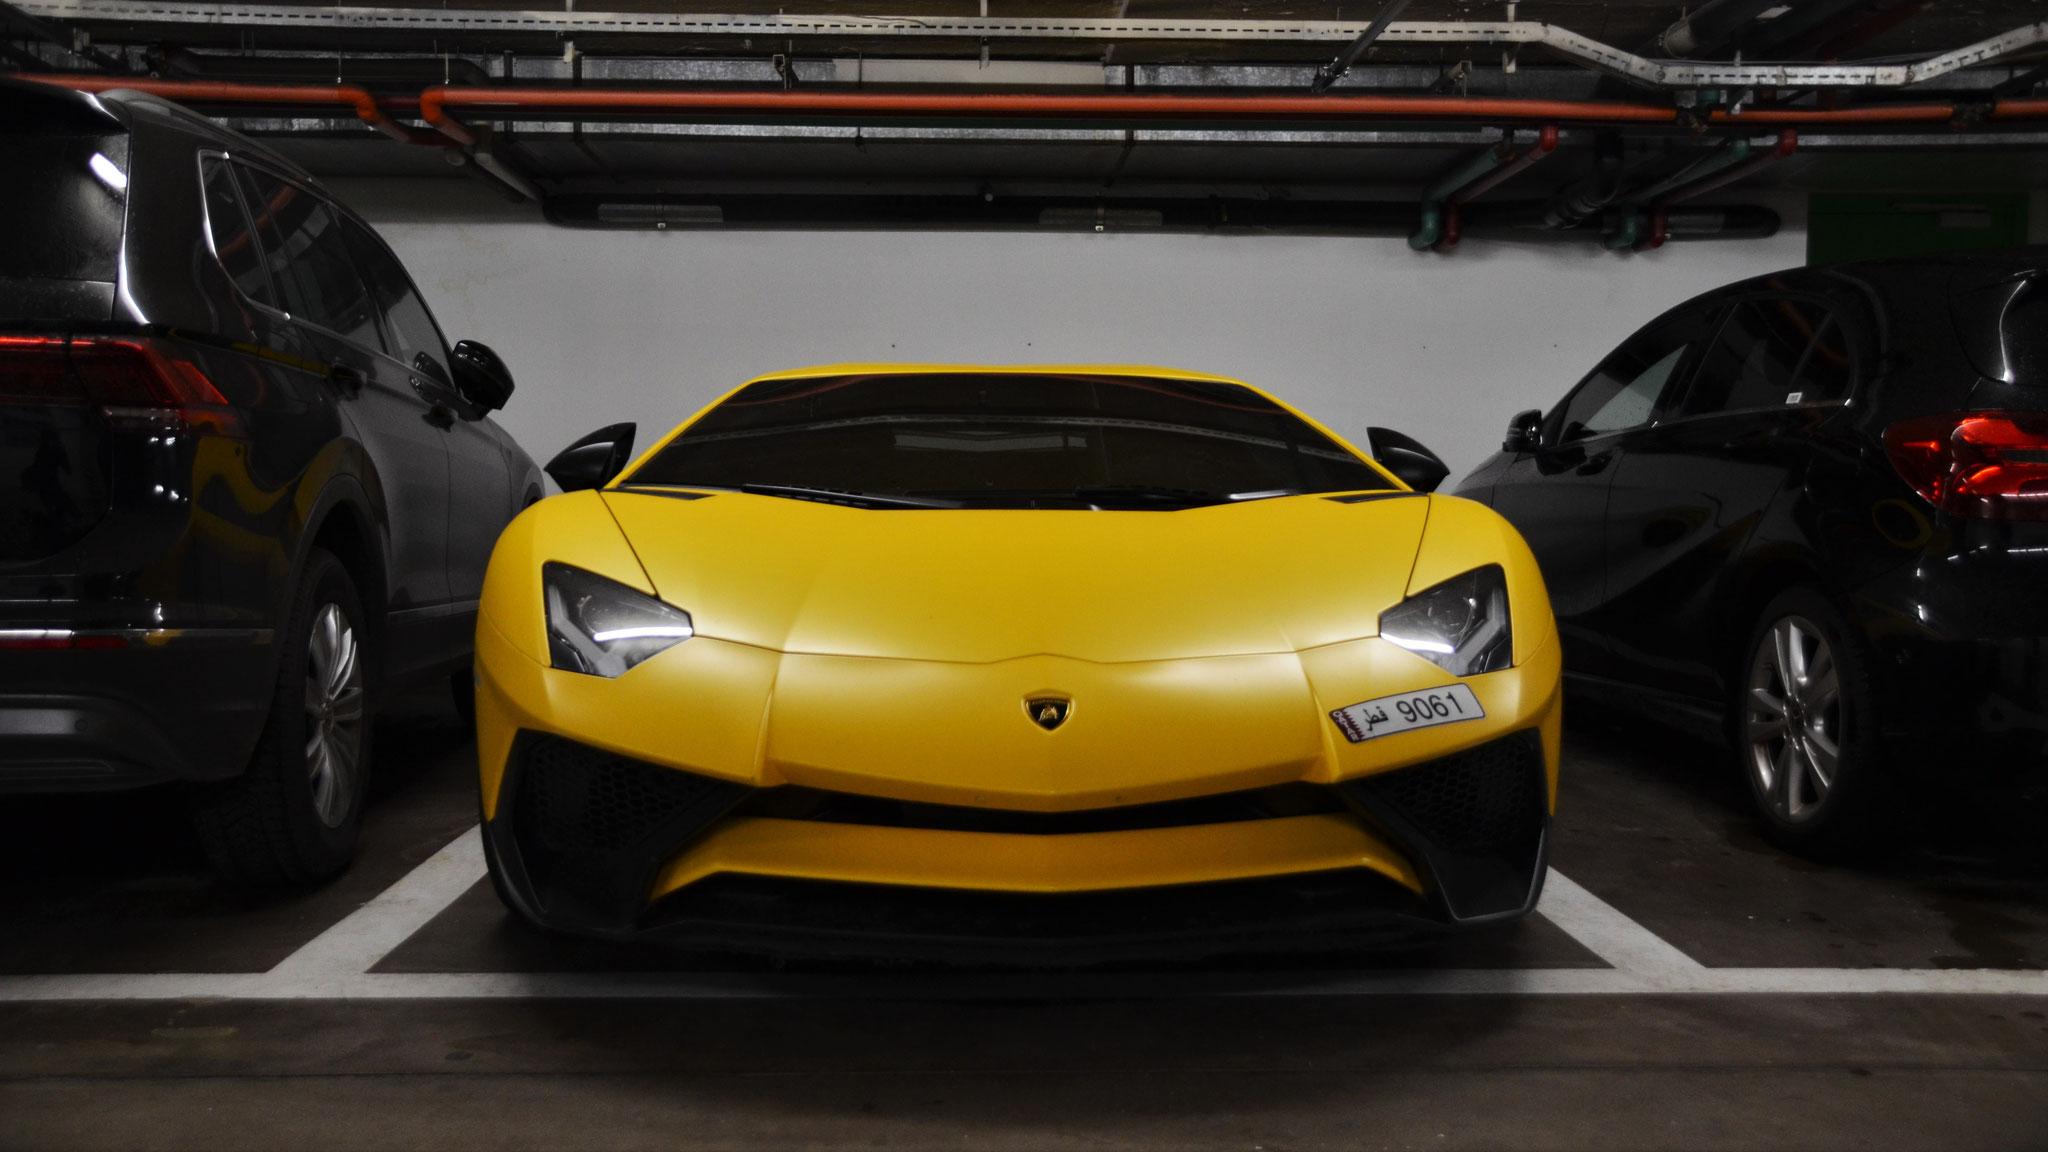 Lamborghini Aventador LP-750-4 SV - 9061 (QAT)